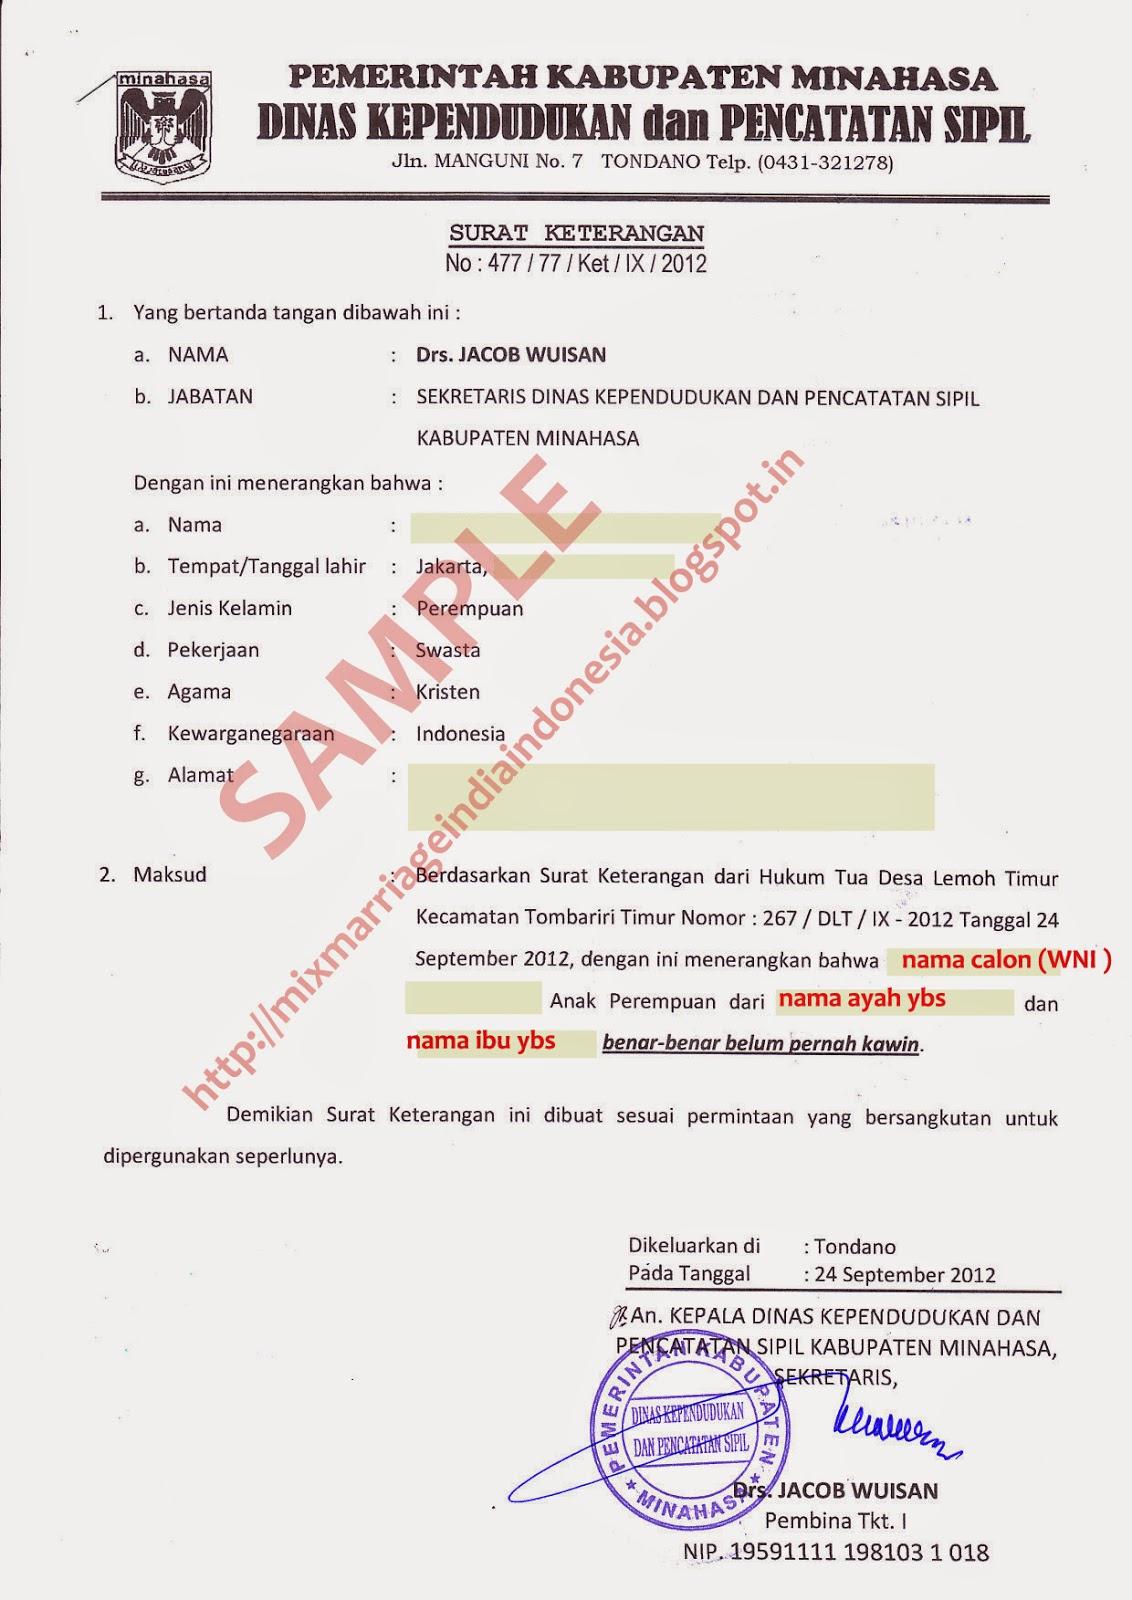 Image Result For Contoh Contoh Surat Pernyataan Legal Akses